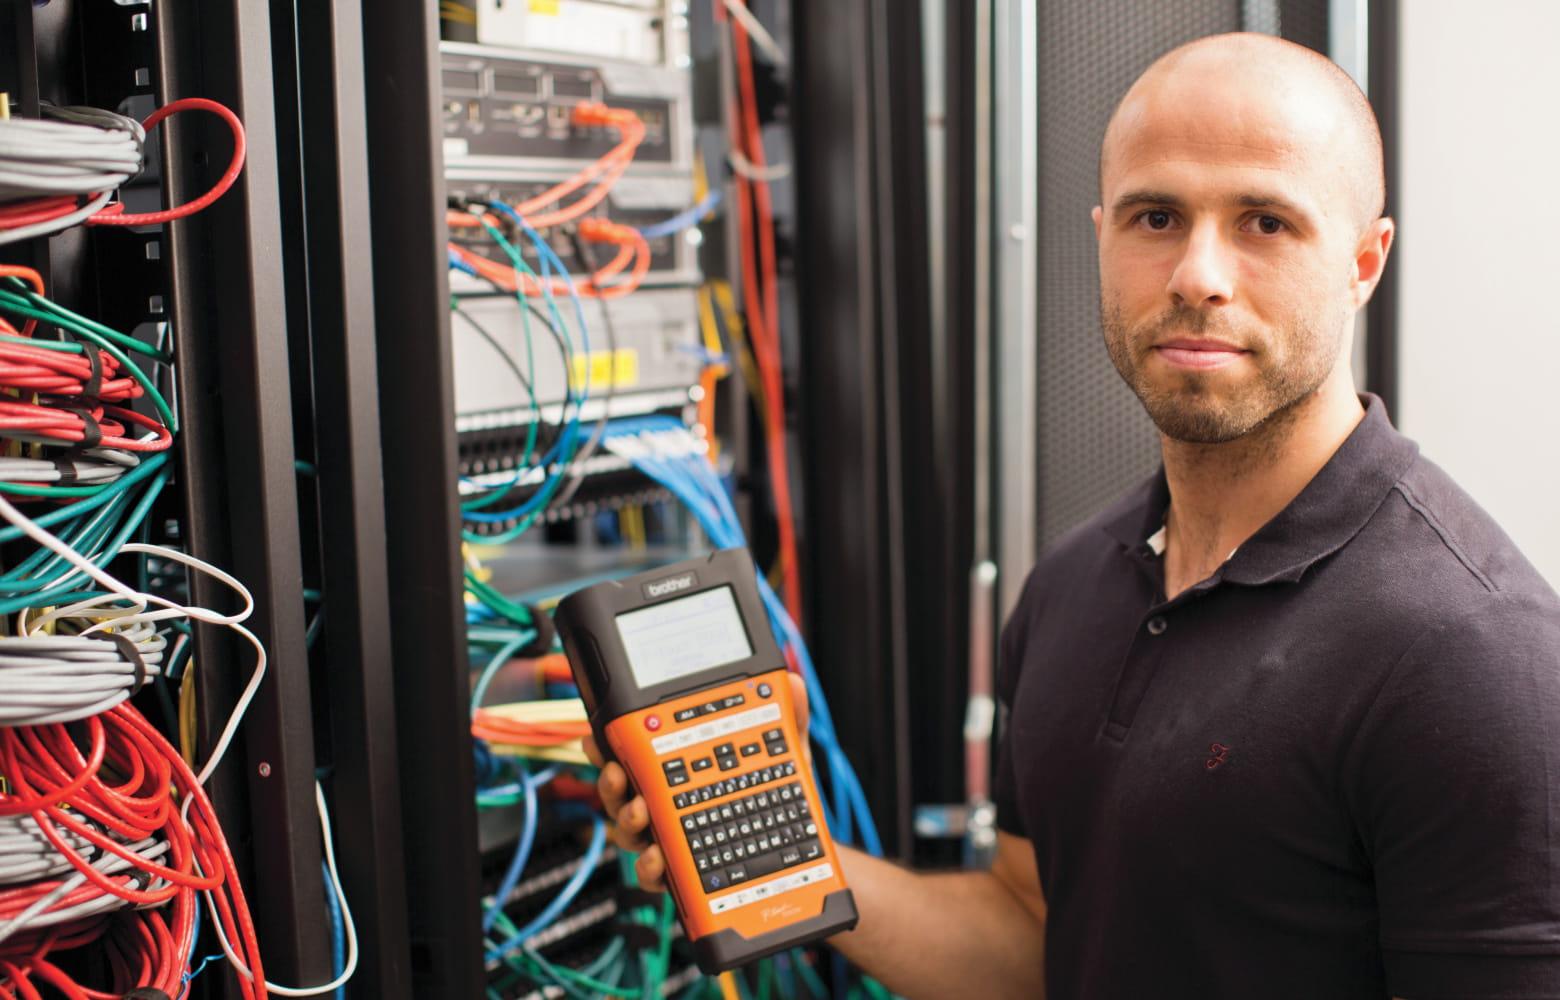 tehničar stoji ispred uredno označenog mrežnog ormarića, dok drži P-touch pisač naljepnica